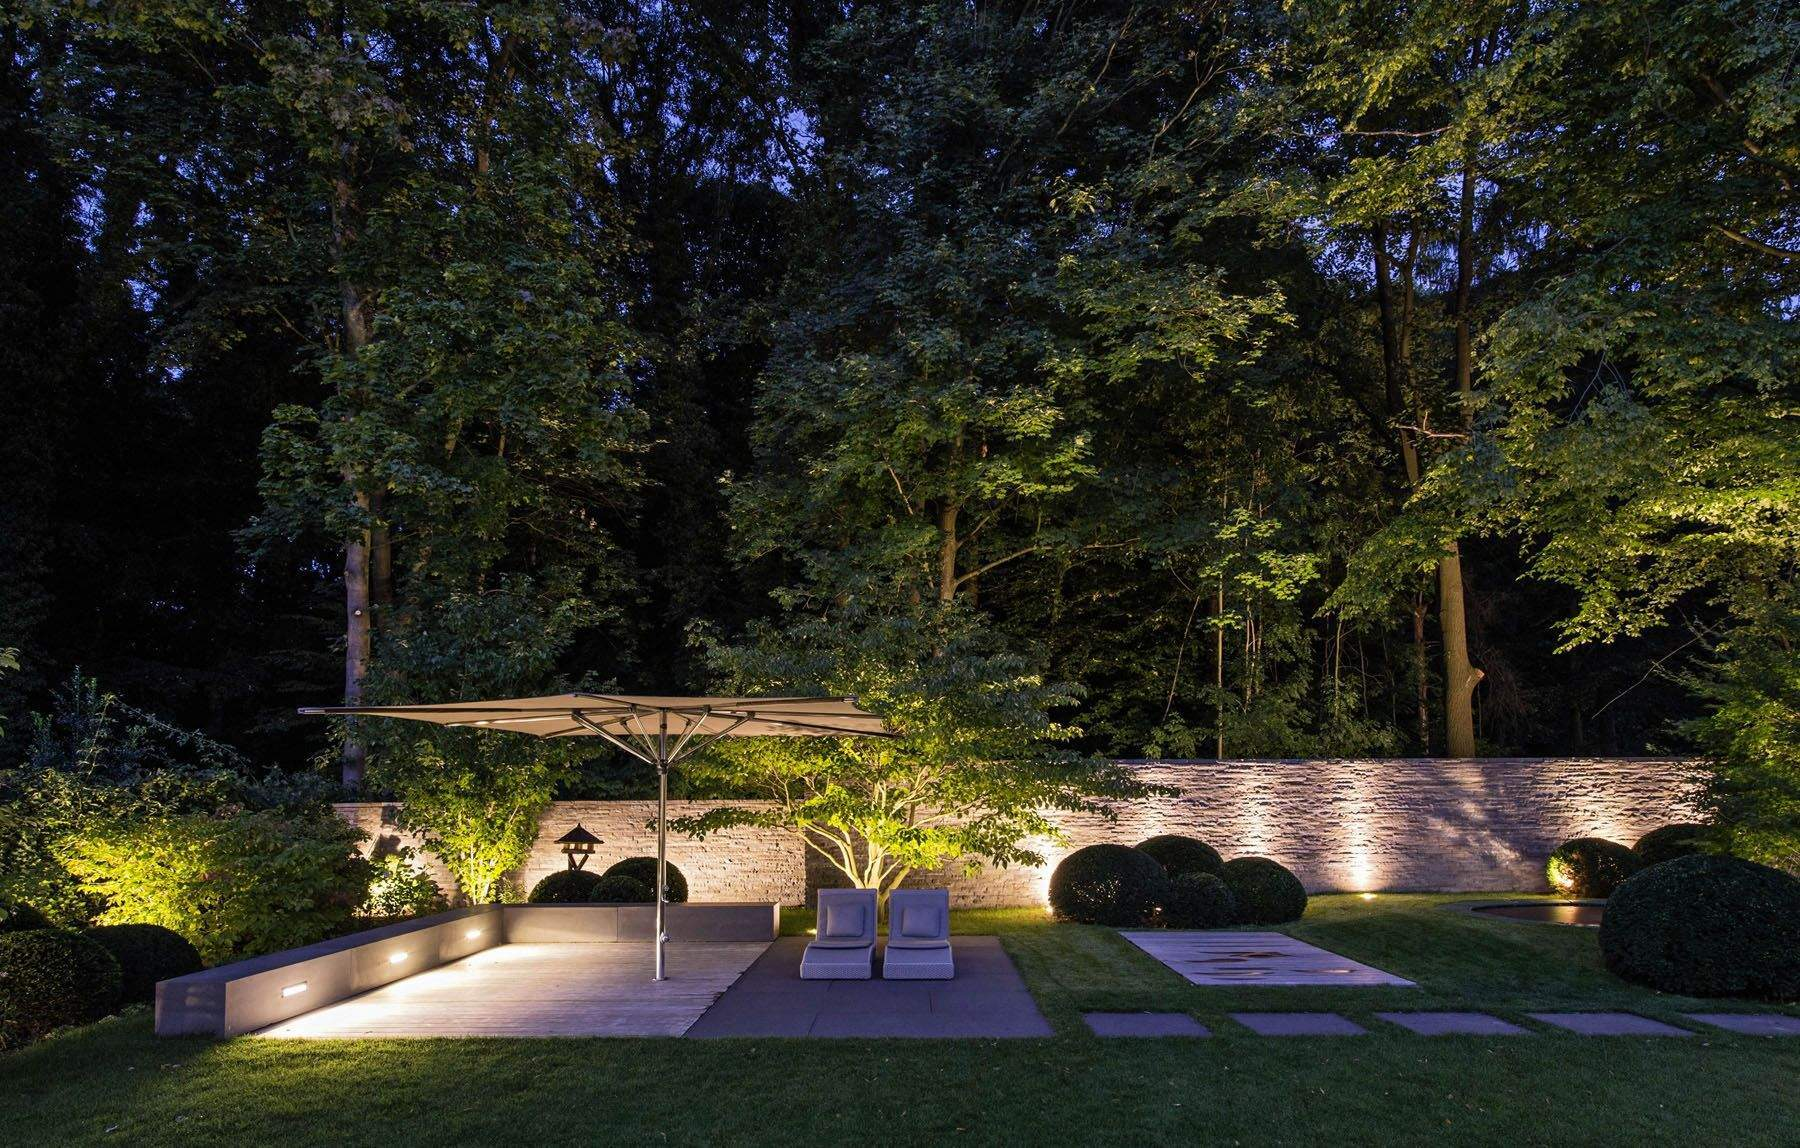 Garten Und Landschaftsbau Stuttgart Schön 29 Das Beste Von Licht Garten Schön